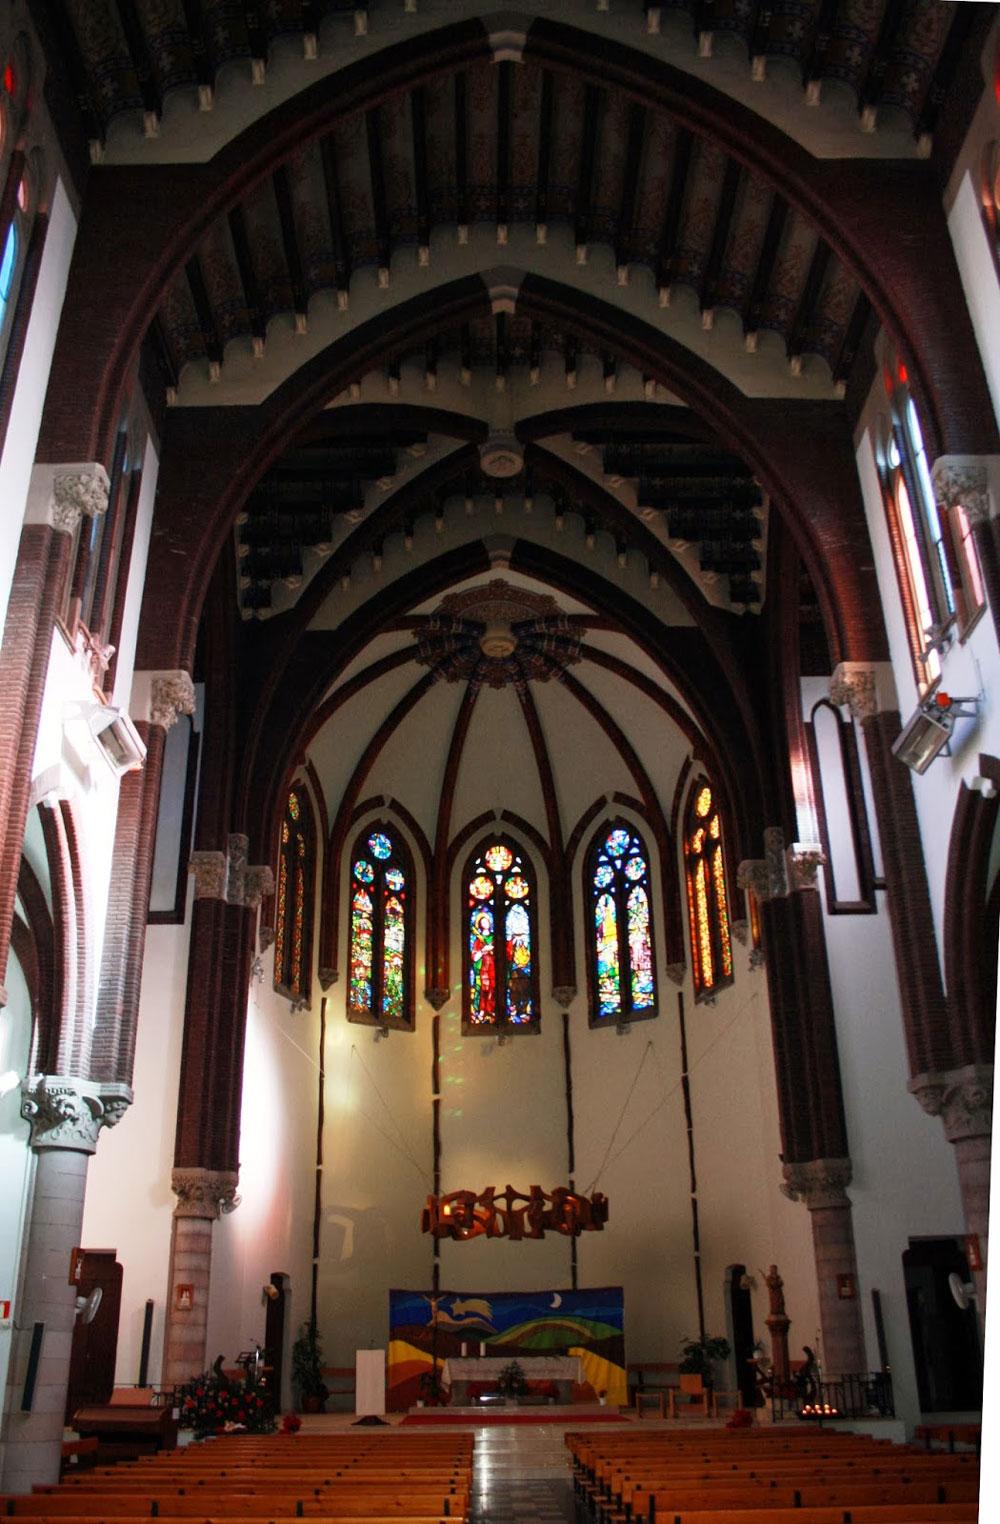 Esglesia major de Santa Coloa de Gramenet